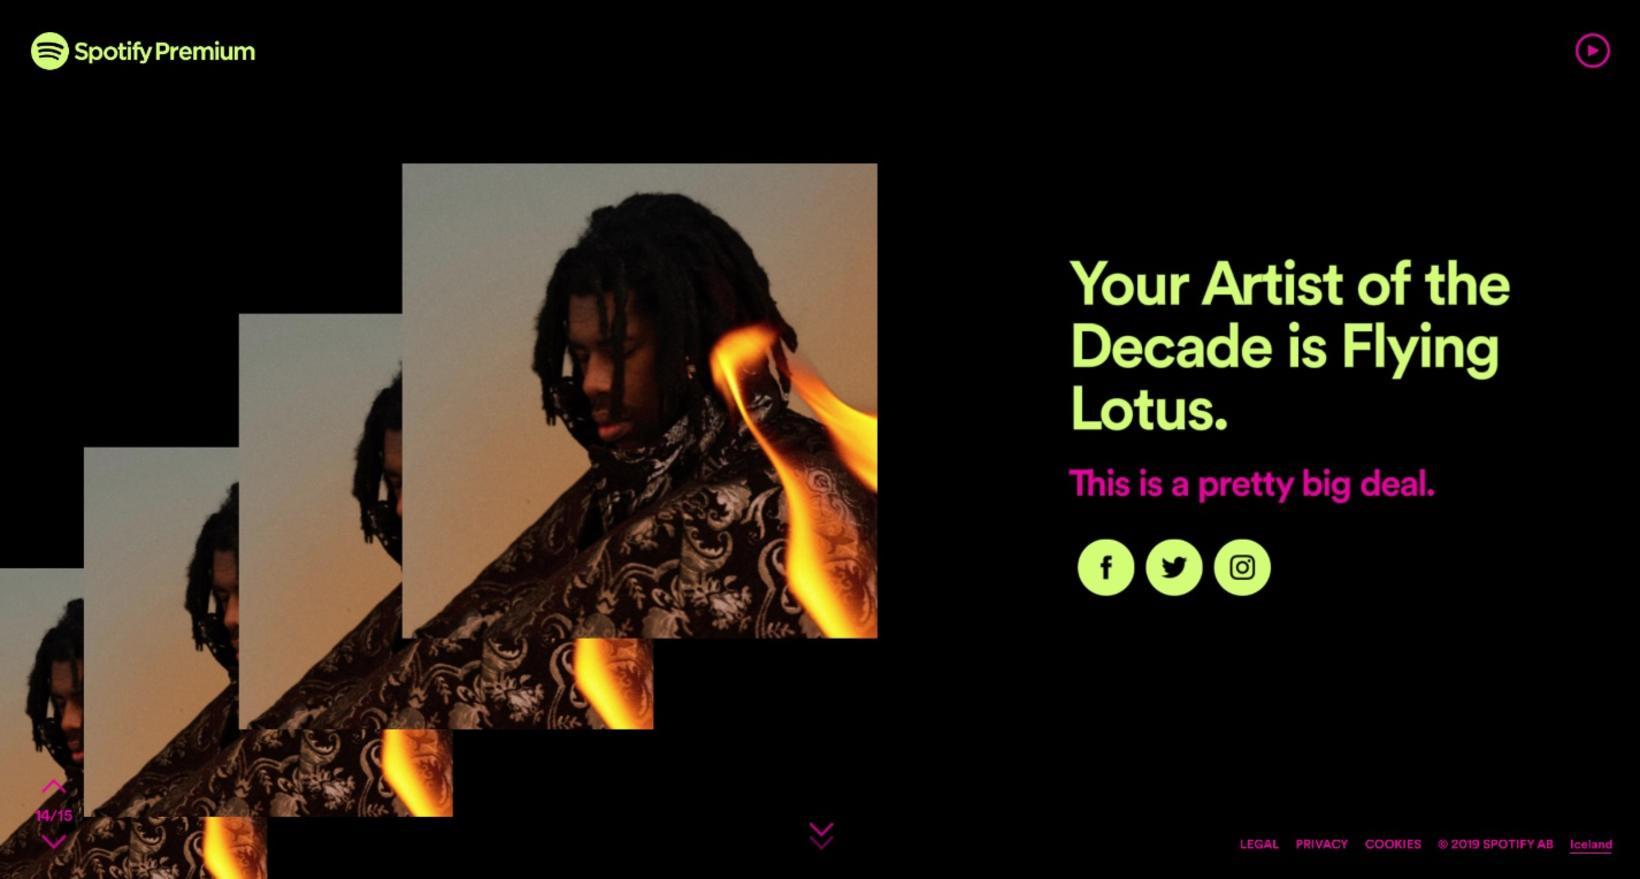 Þetta mun vera stórmál samkvæmt félögum mínum hjá Spotify.